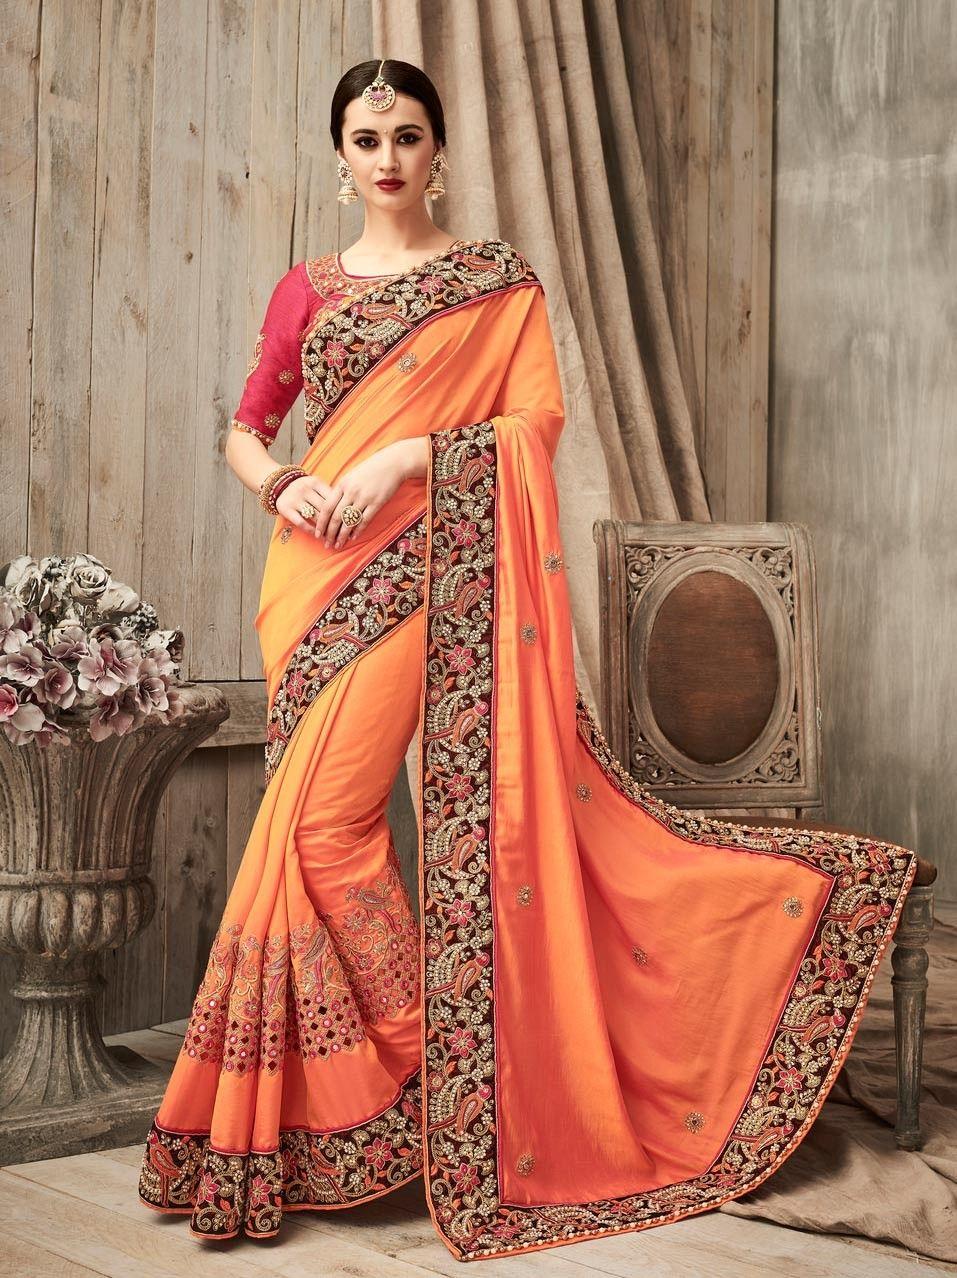 3ef87c6173604 Designer orange art silk Indian heavy lace border wedding wear sari with  mirror work